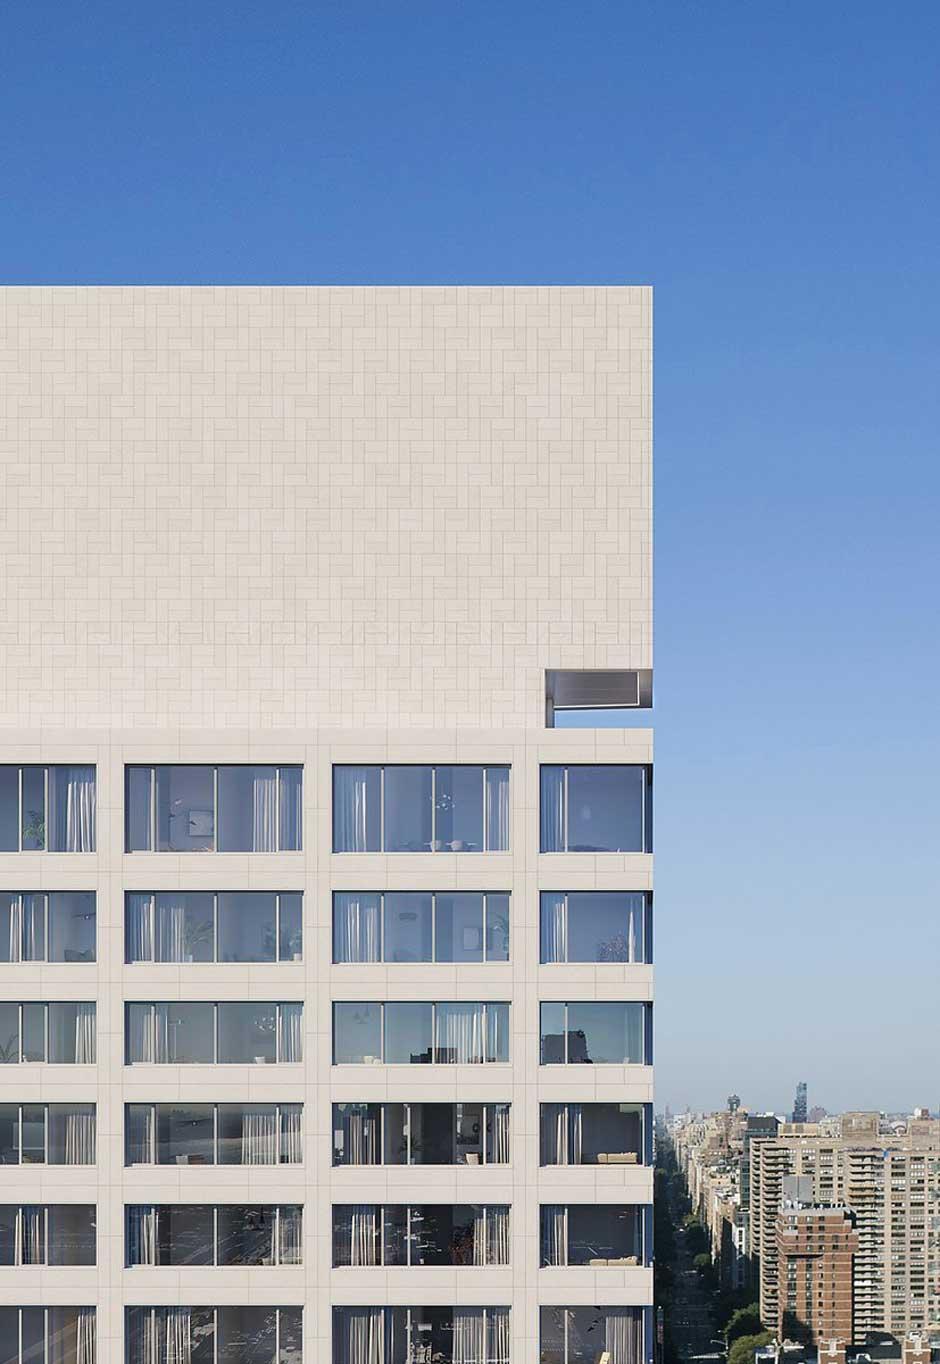 611 West 56th Street, el rascacielos de Álvaro Siza en Nueva York   Tu Gran Viaje